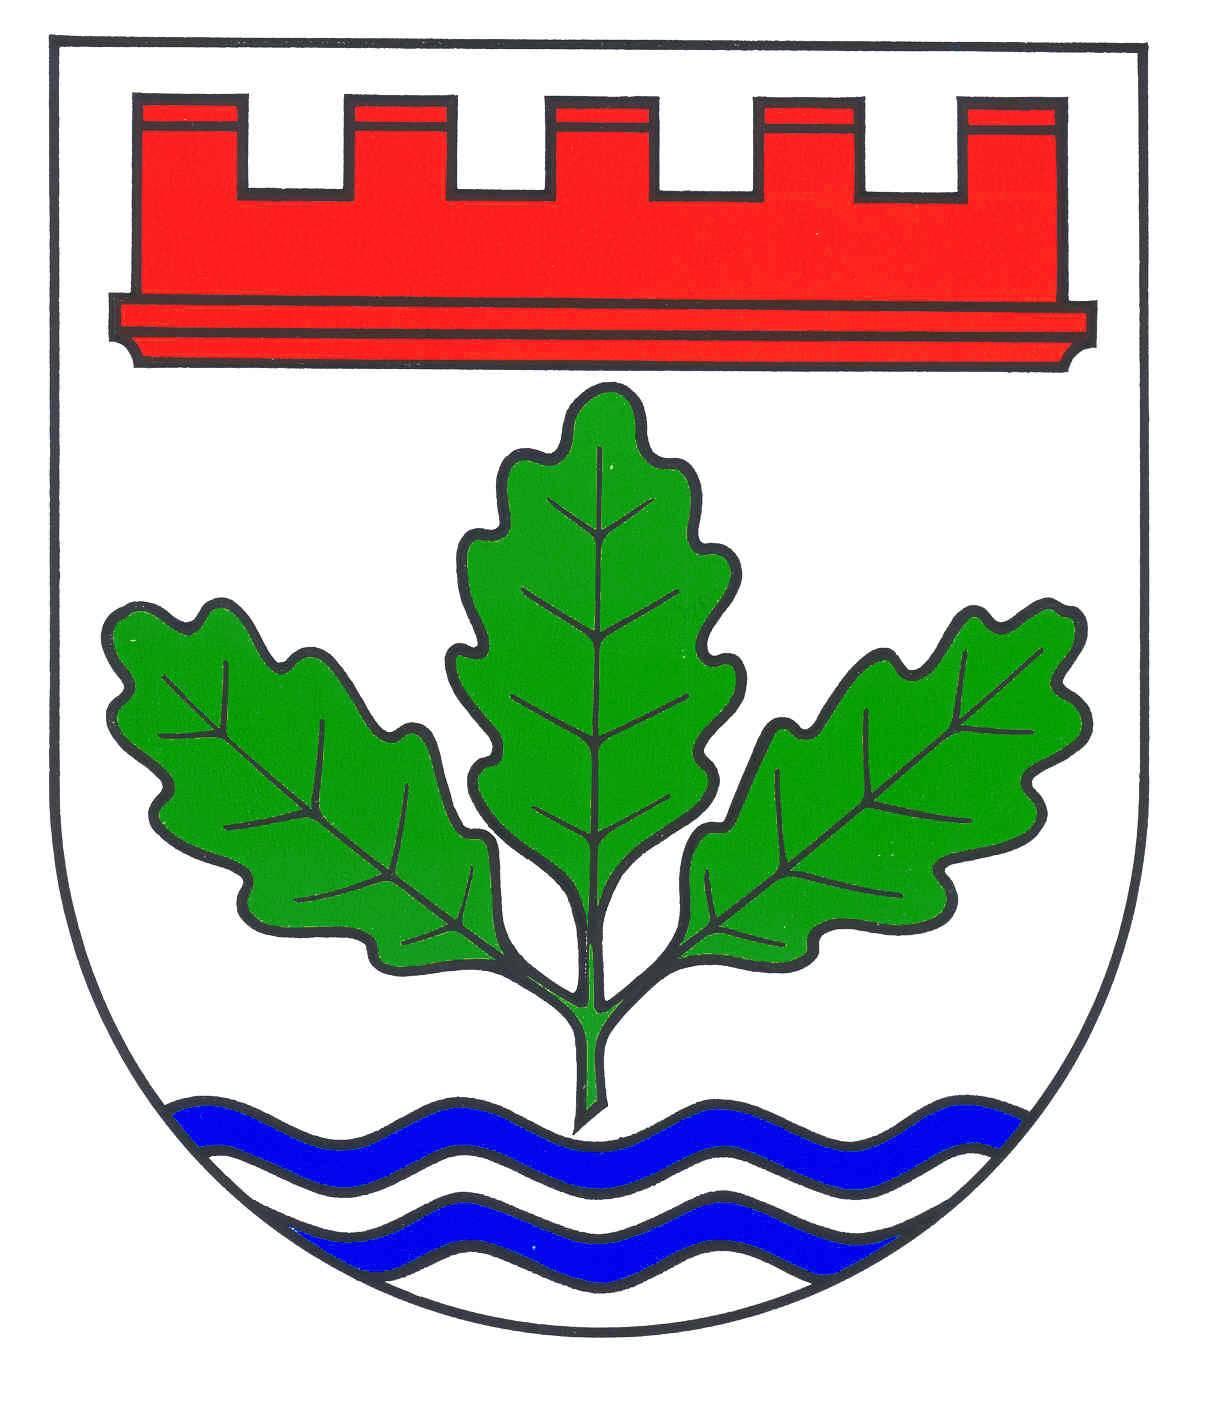 Wappen GemeindeHenstedt-Ulzburg, Kreis Segeberg